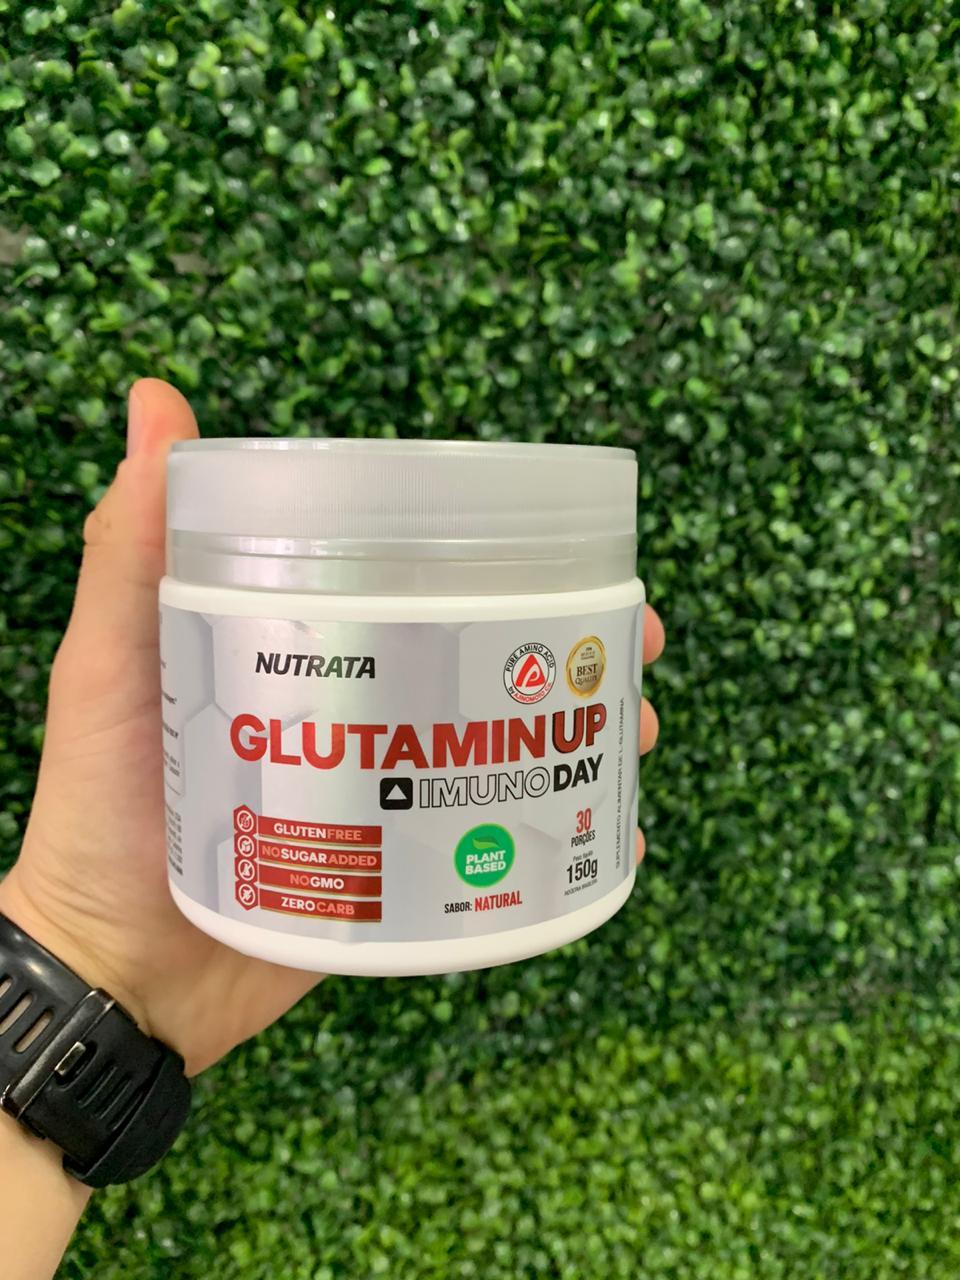 GLUTAMIINUP IMUNO DAY - 150G - NUTRATA